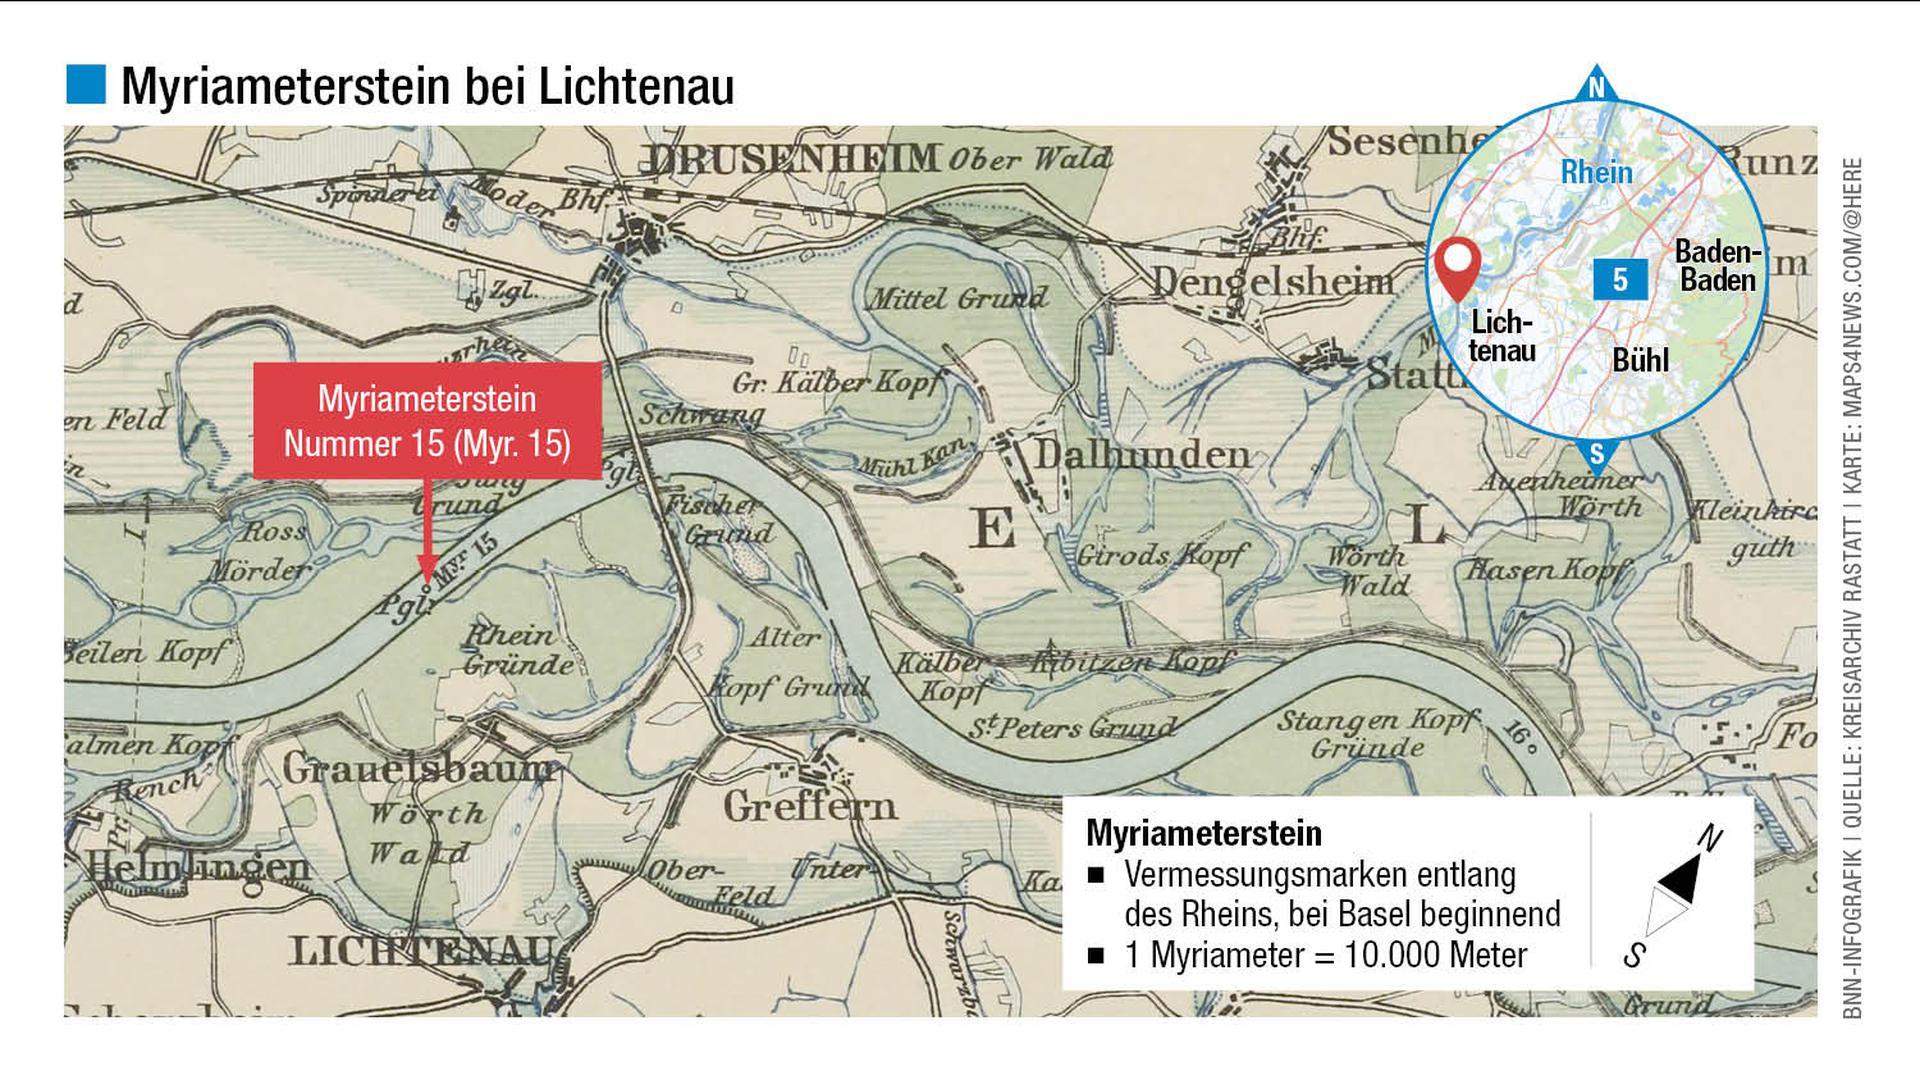 Nummer 15: Die Myriametersteine tragen römische Ziffern. In der historischen Rheinstromkarte von 1889, aufbewahrt im Kreisarchiv Rastatt, ist diese Marke eingezeichnet.